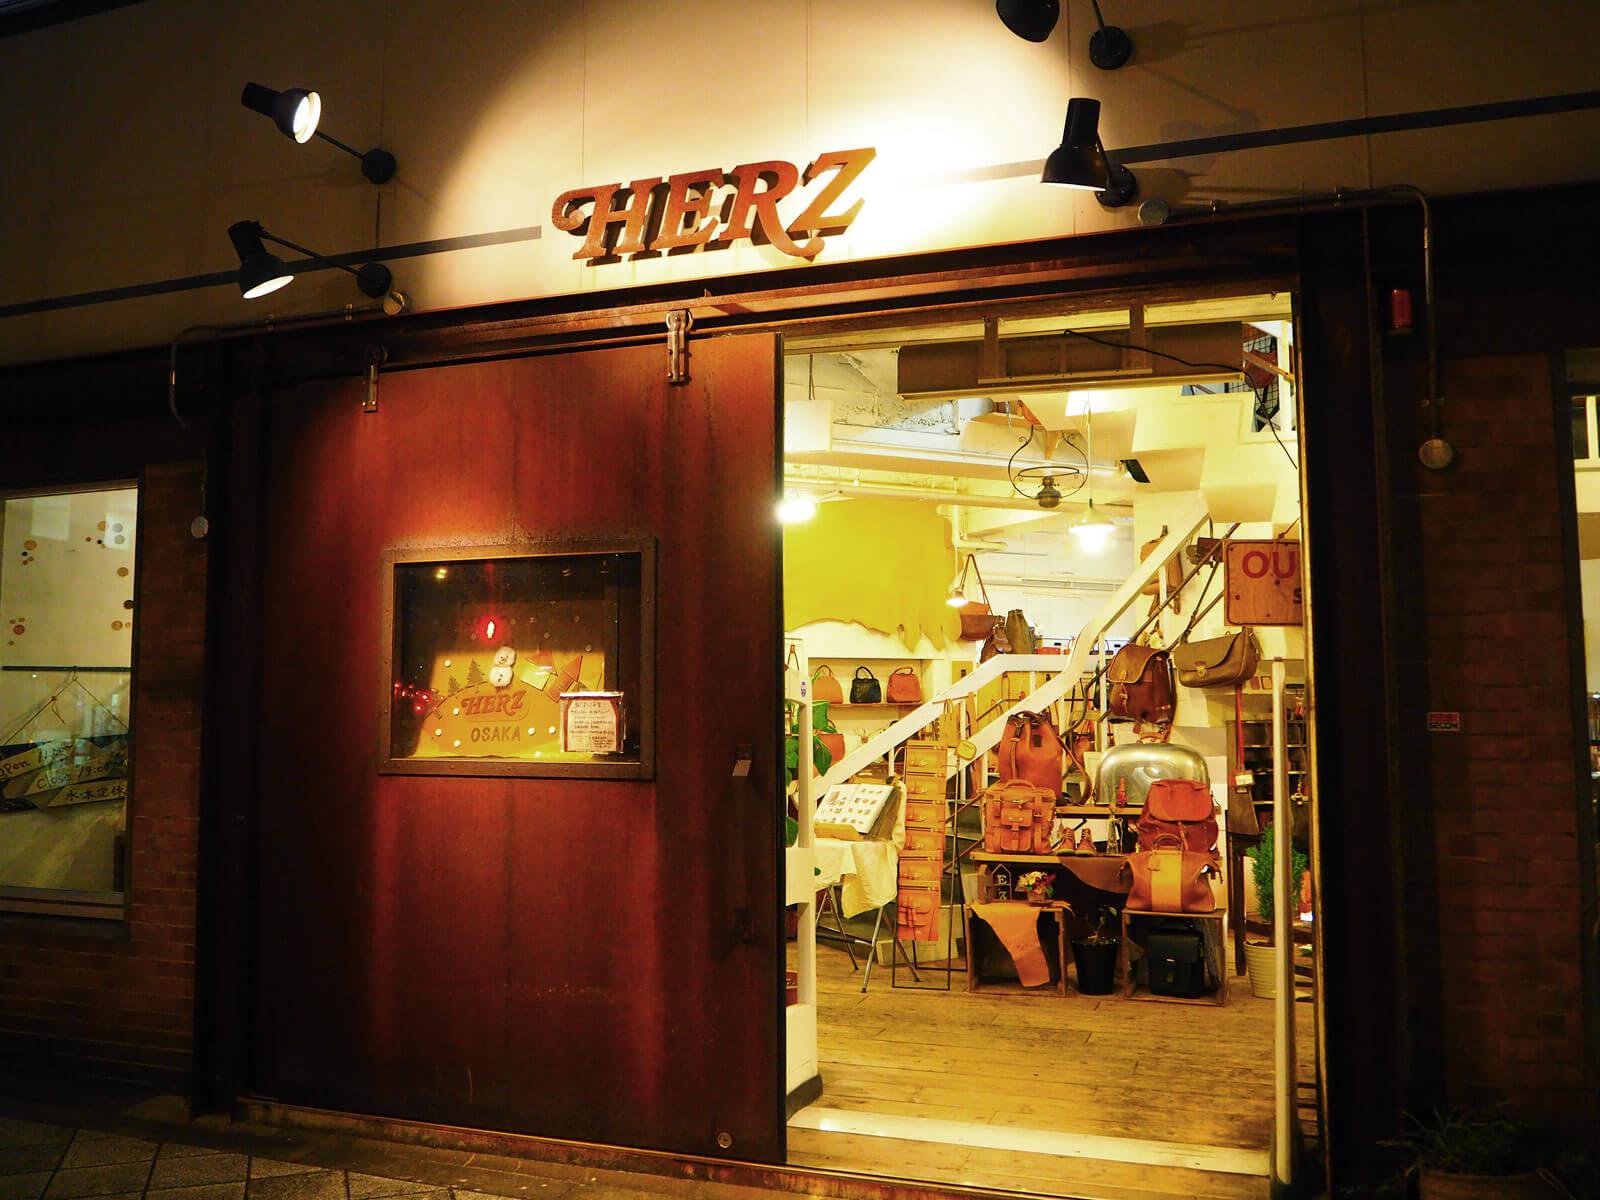 HERZ大阪店移転に伴う営業日のご案内